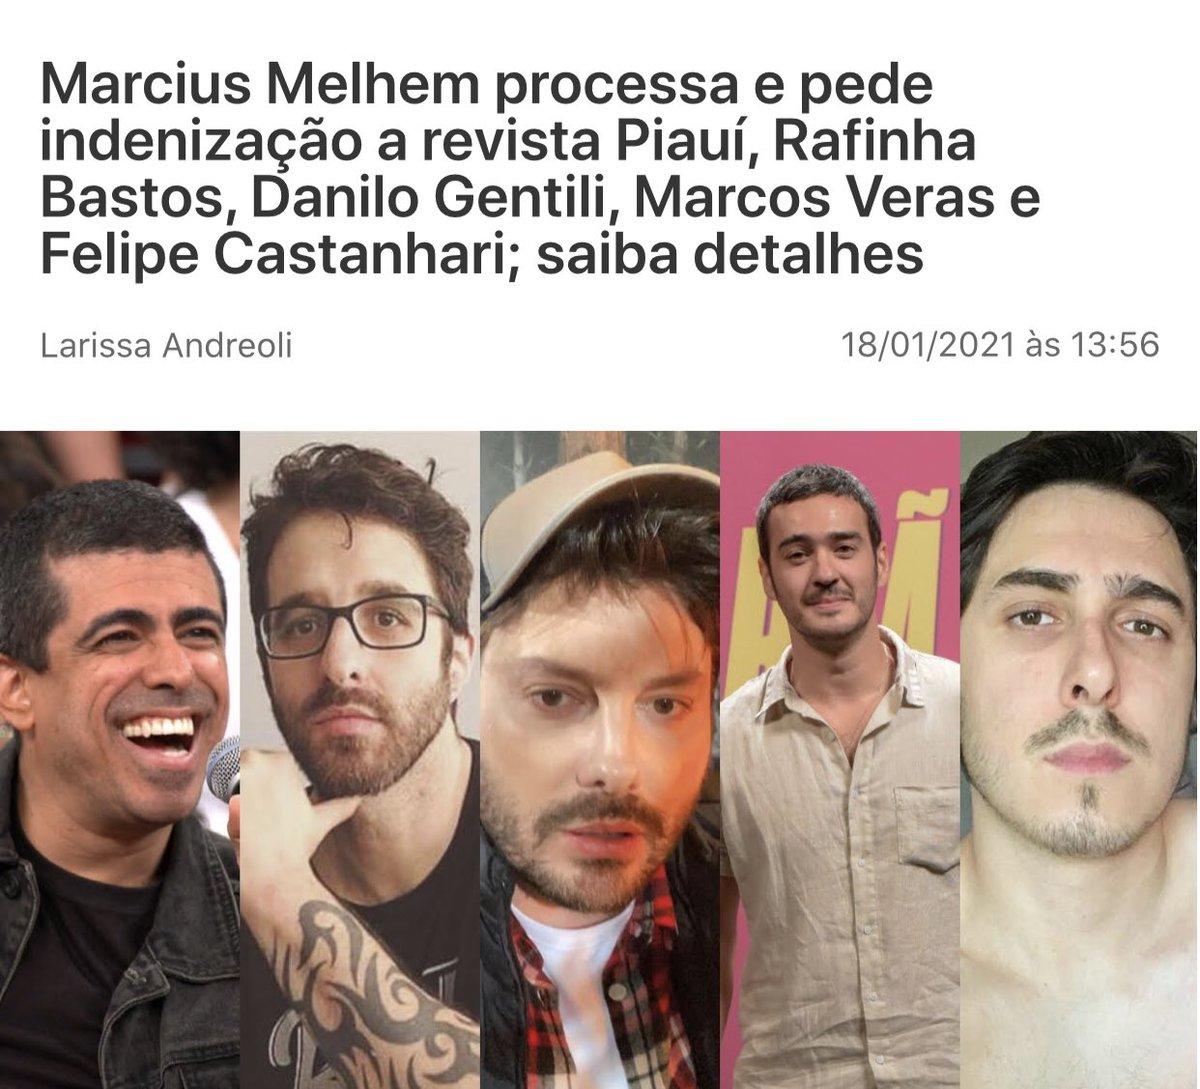 O poder de Marcius Melhiem não tem limite. Quem consegue colocar Rafinha Bastos e Danilo Gentili lado a lado, consegue qualquer coisa.